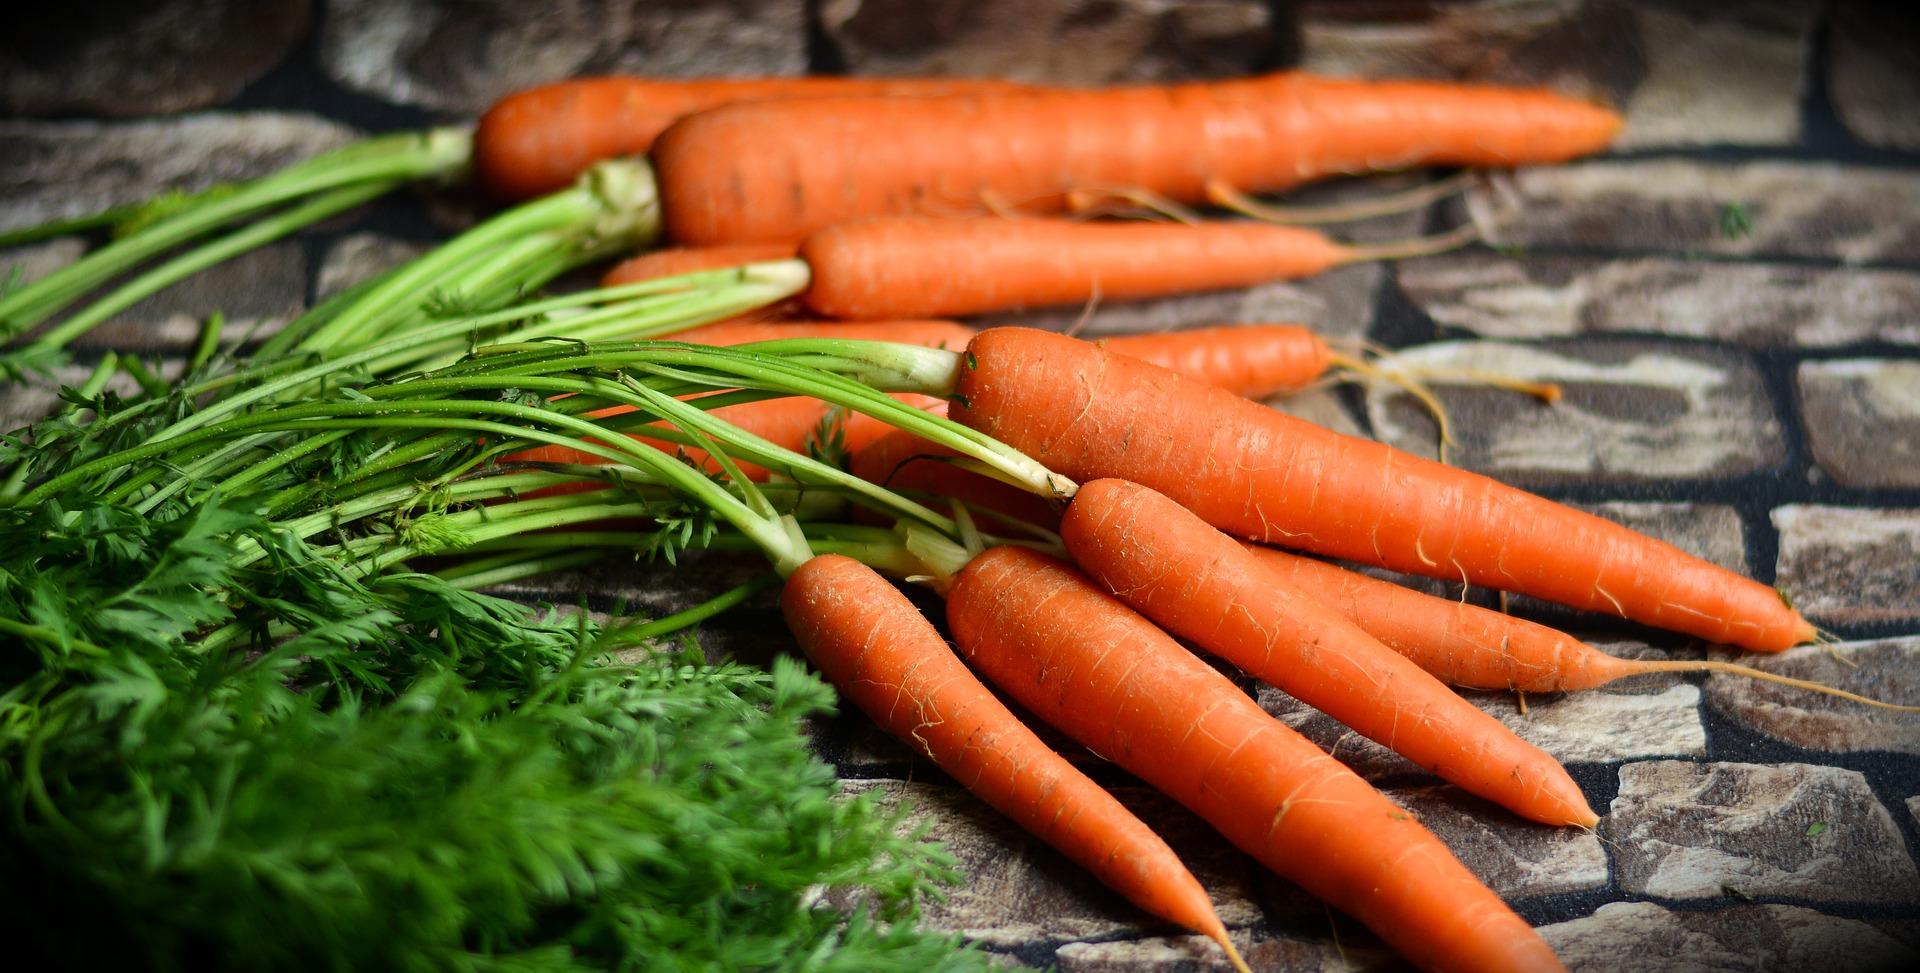 В Україні через низький попит ціна на моркву знизилася на 18%